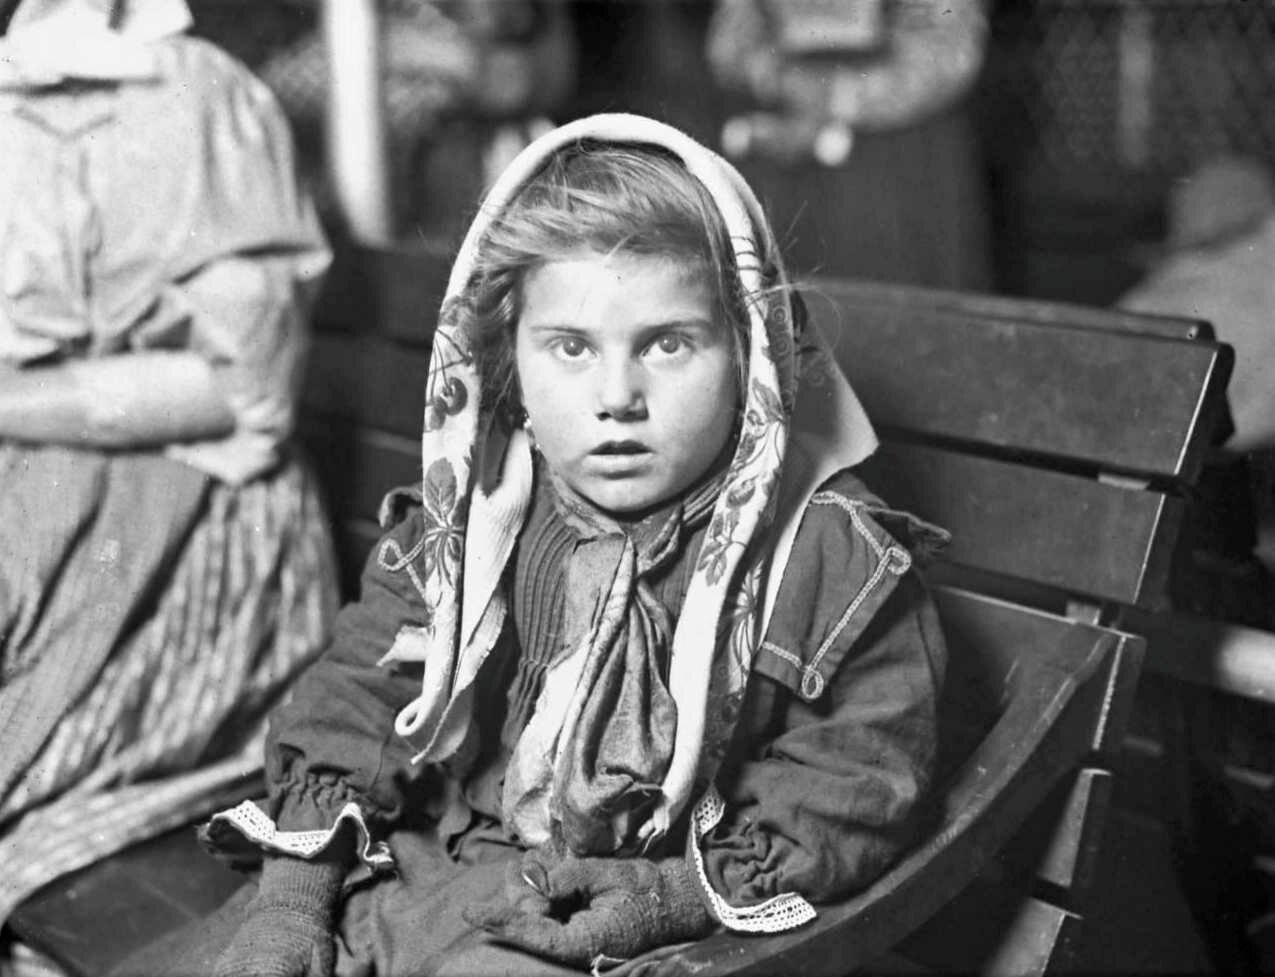 Девочка-итальянка получила свой первый пенни. Остров Эллис 1926